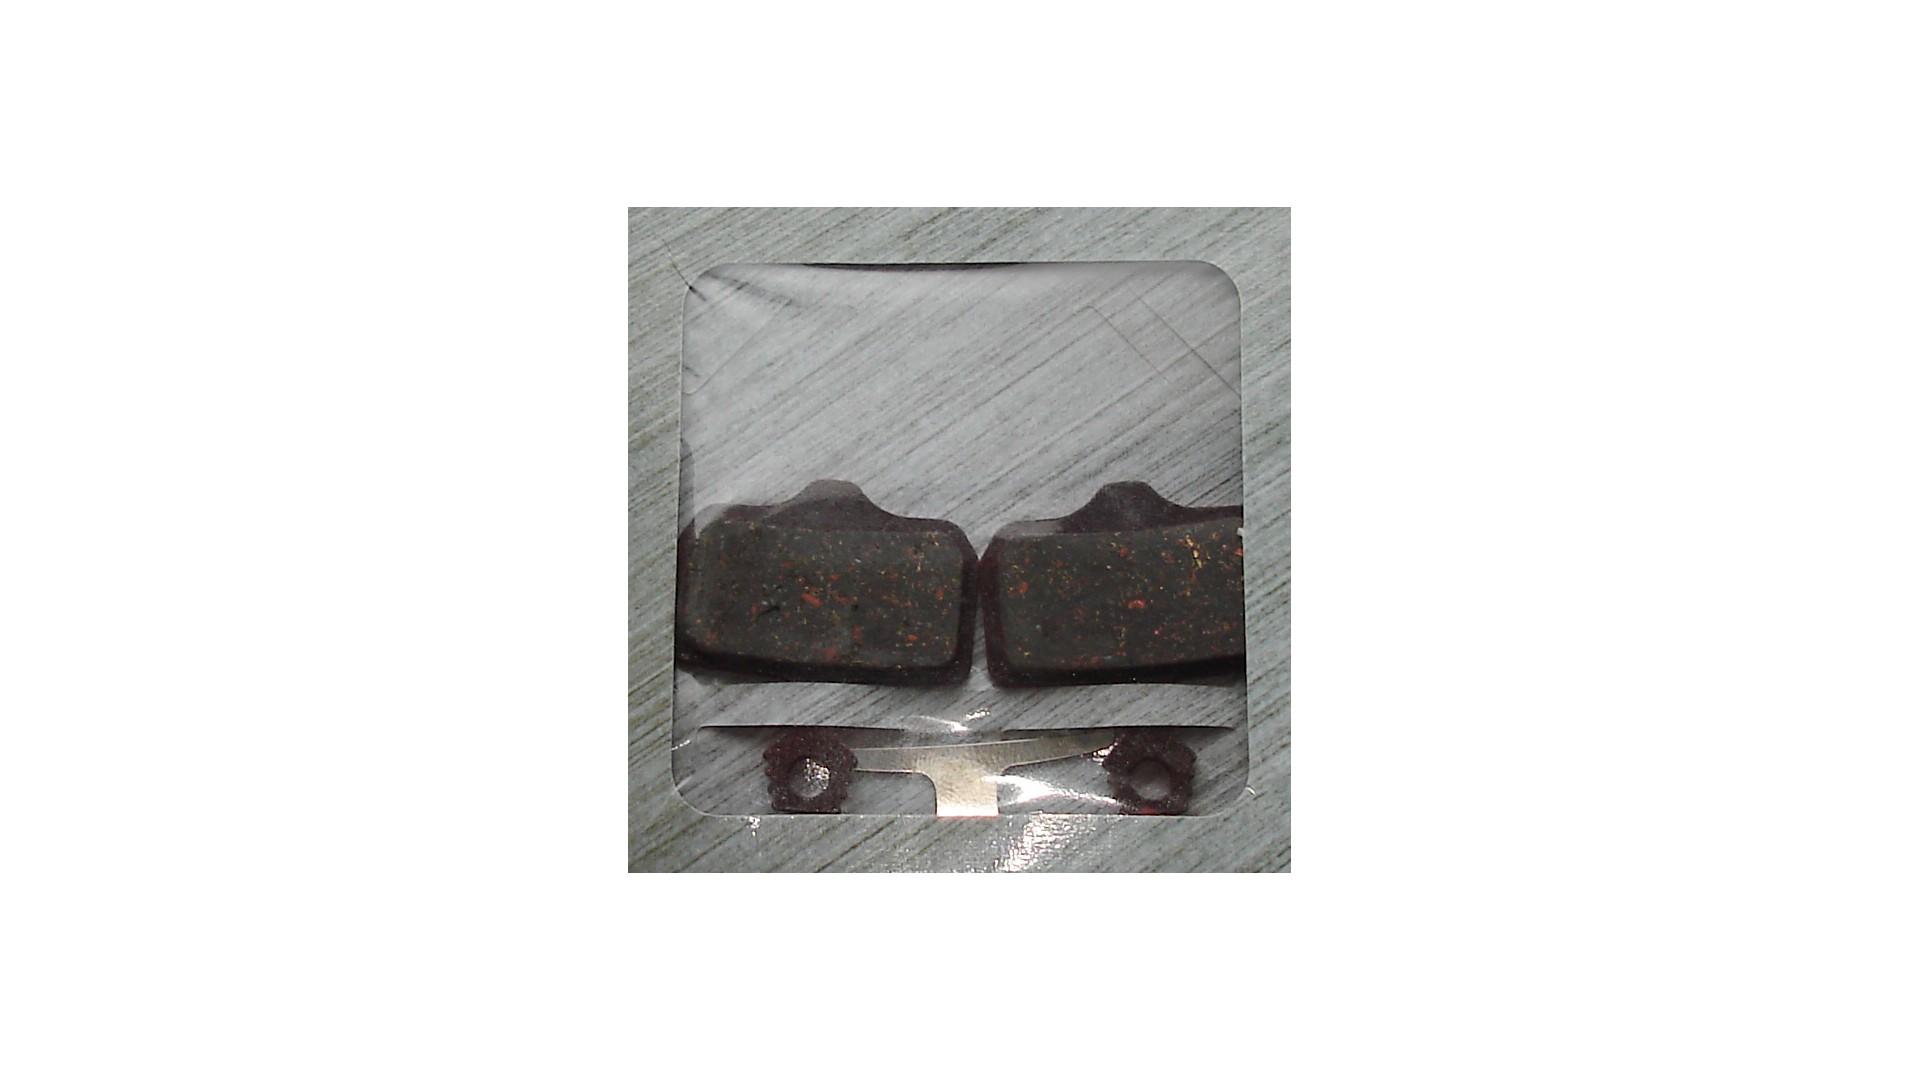 Тормозные колодки Quaxar Avid Elixir металл для дискового тормоза